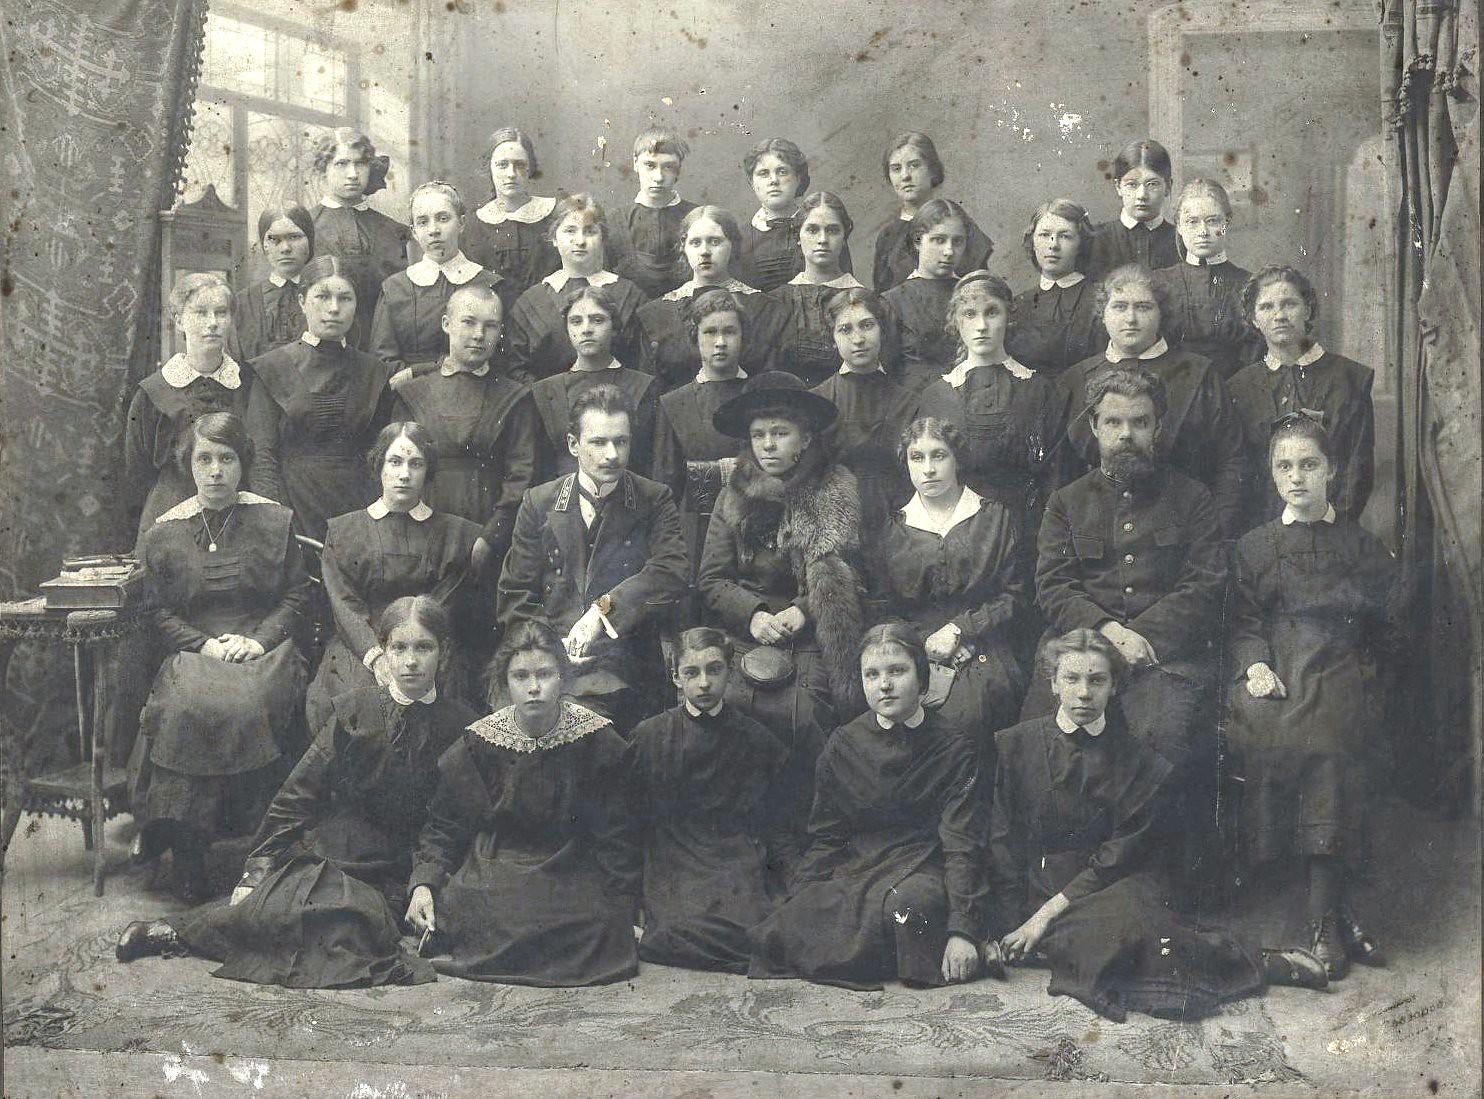 Выпускницы женской казённой гимназии с педагогами. 1910-е